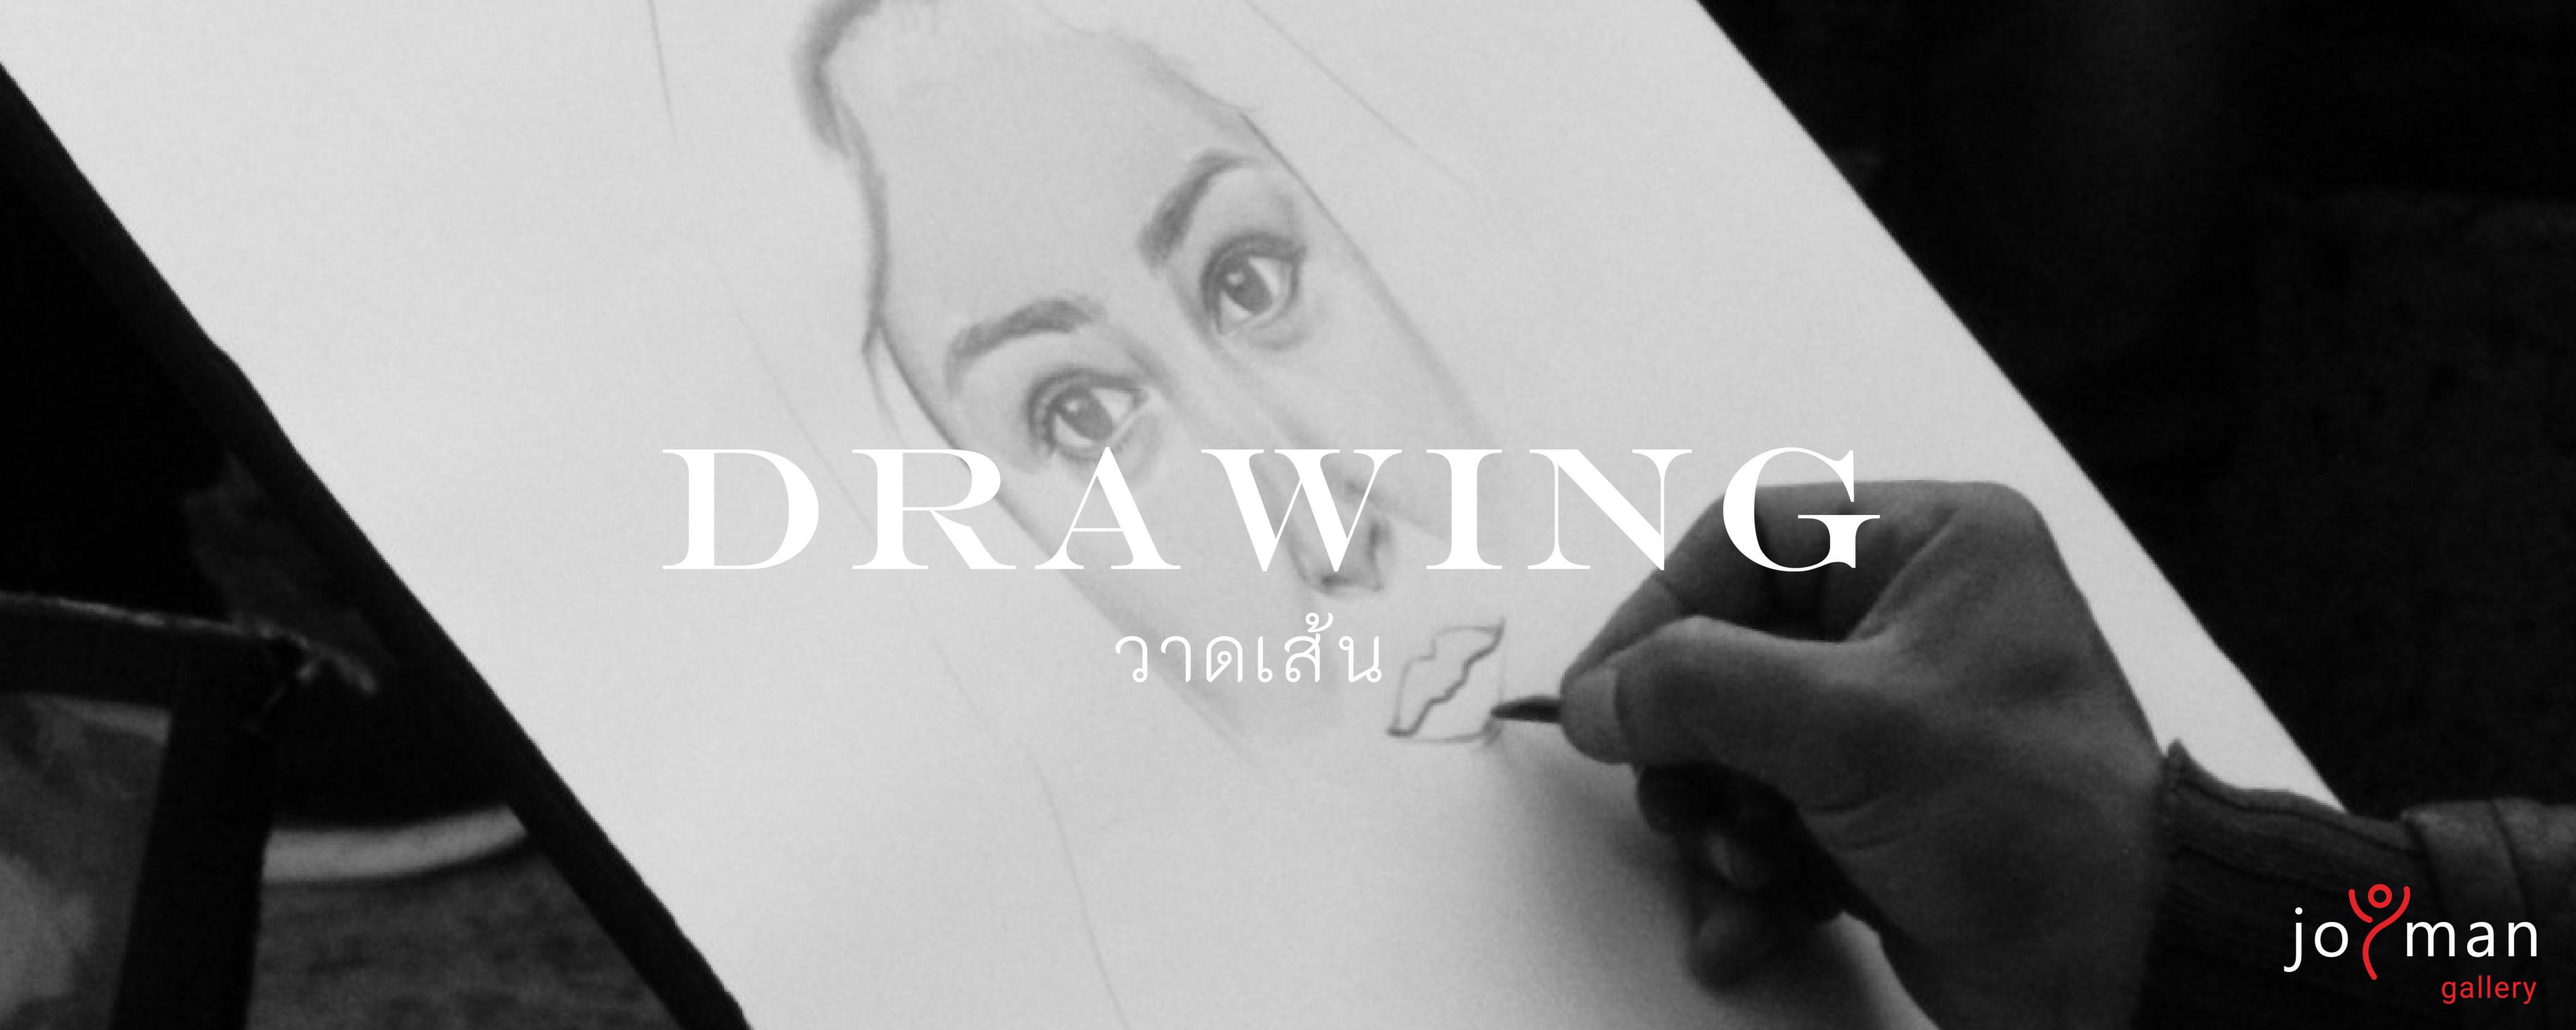 Drawing mood